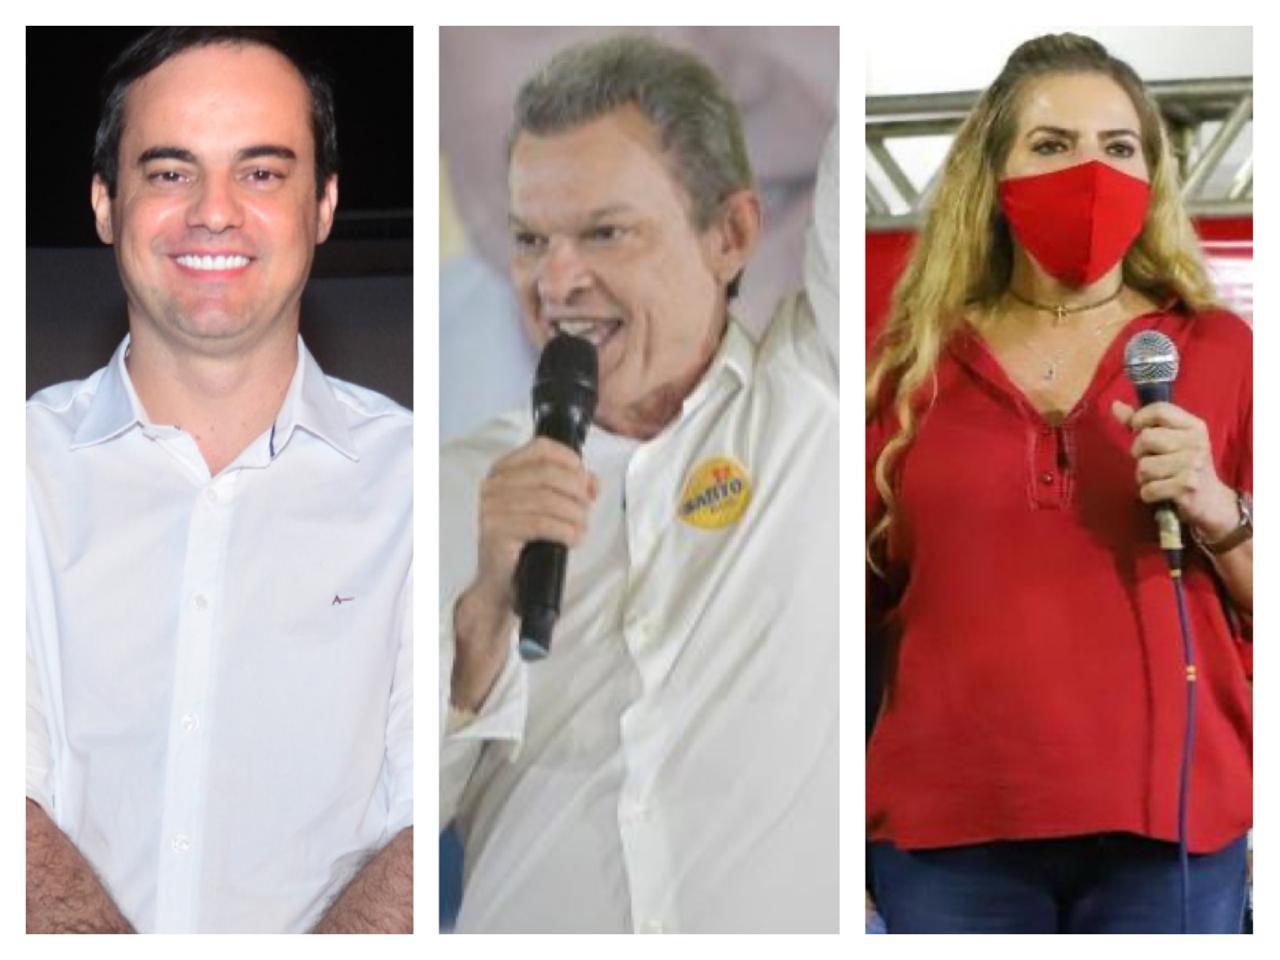 Sarto alcança o segundo lugar e fica 7,6% atrás do Capitão Wagner em pesquisa espontânea do Instituto Paraná